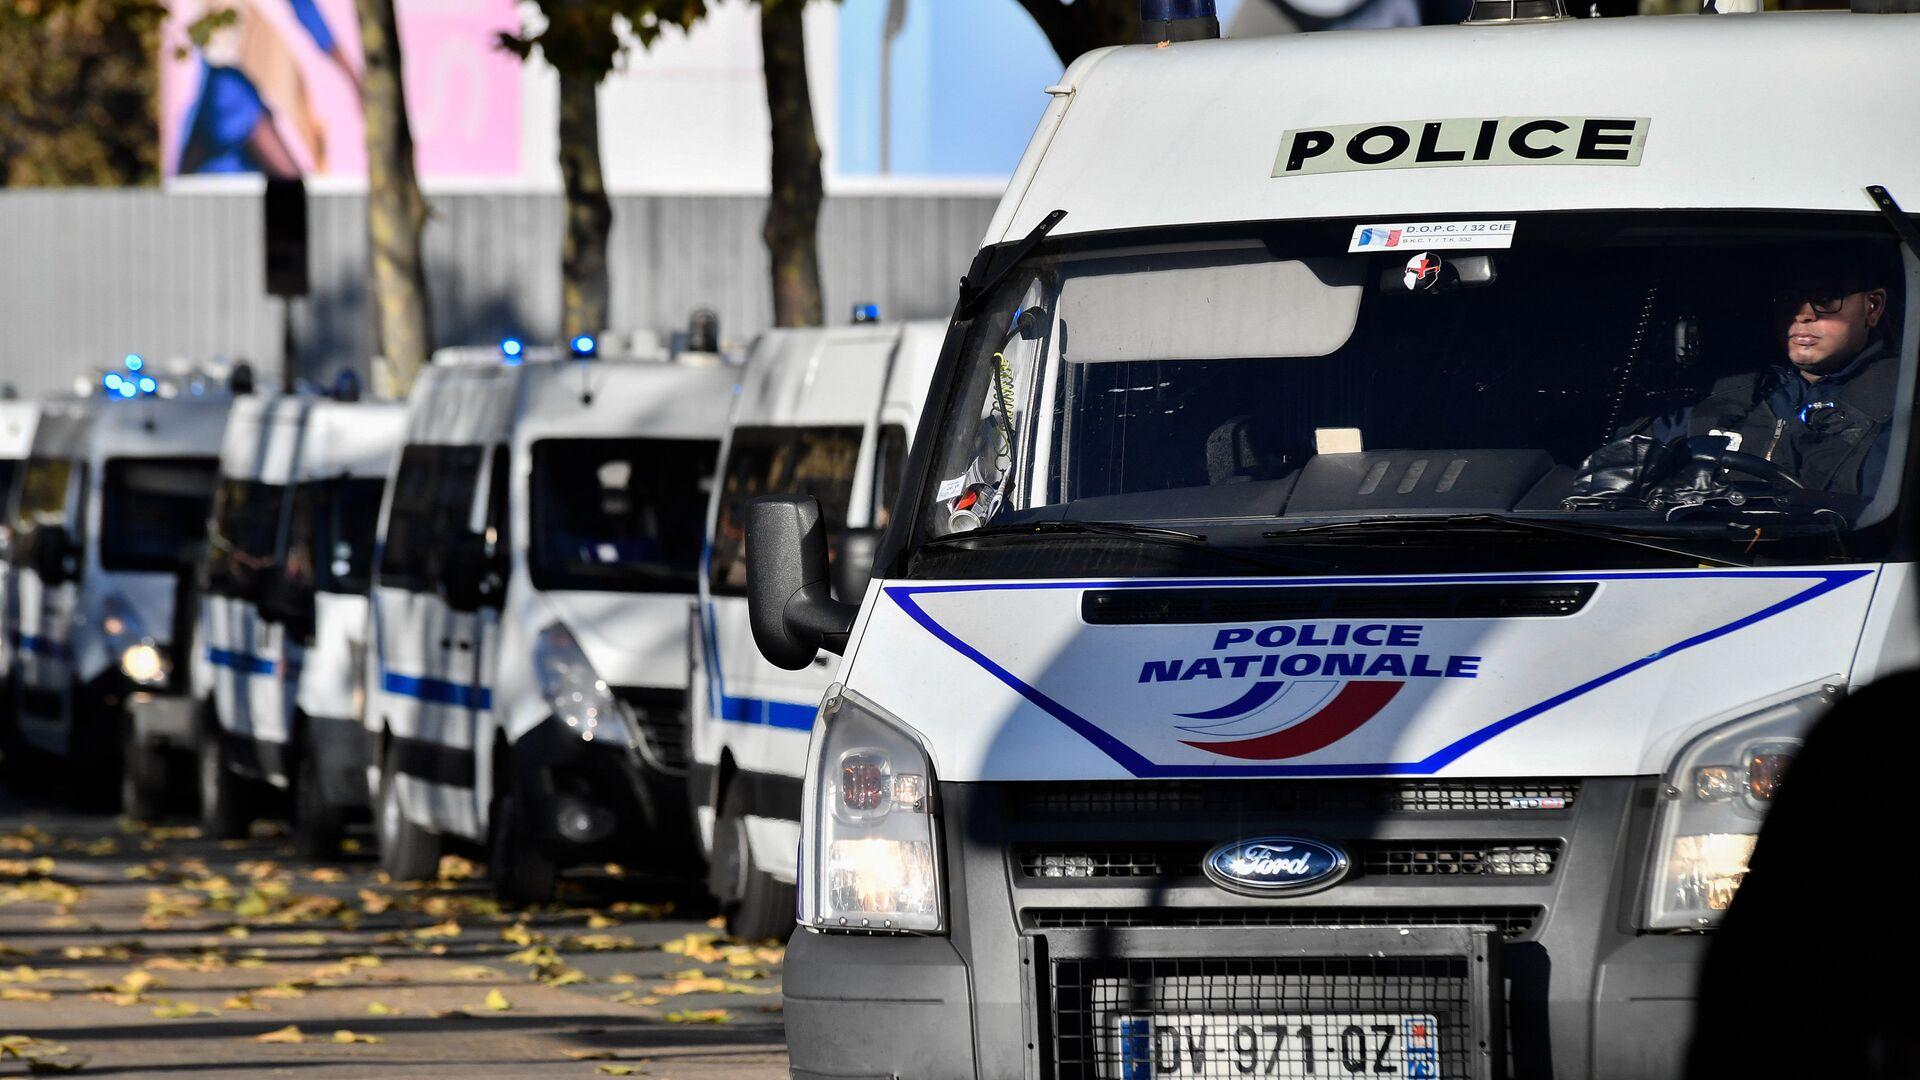 Полицейские автомобили в Париже - РИА Новости, 1920, 06.02.2021